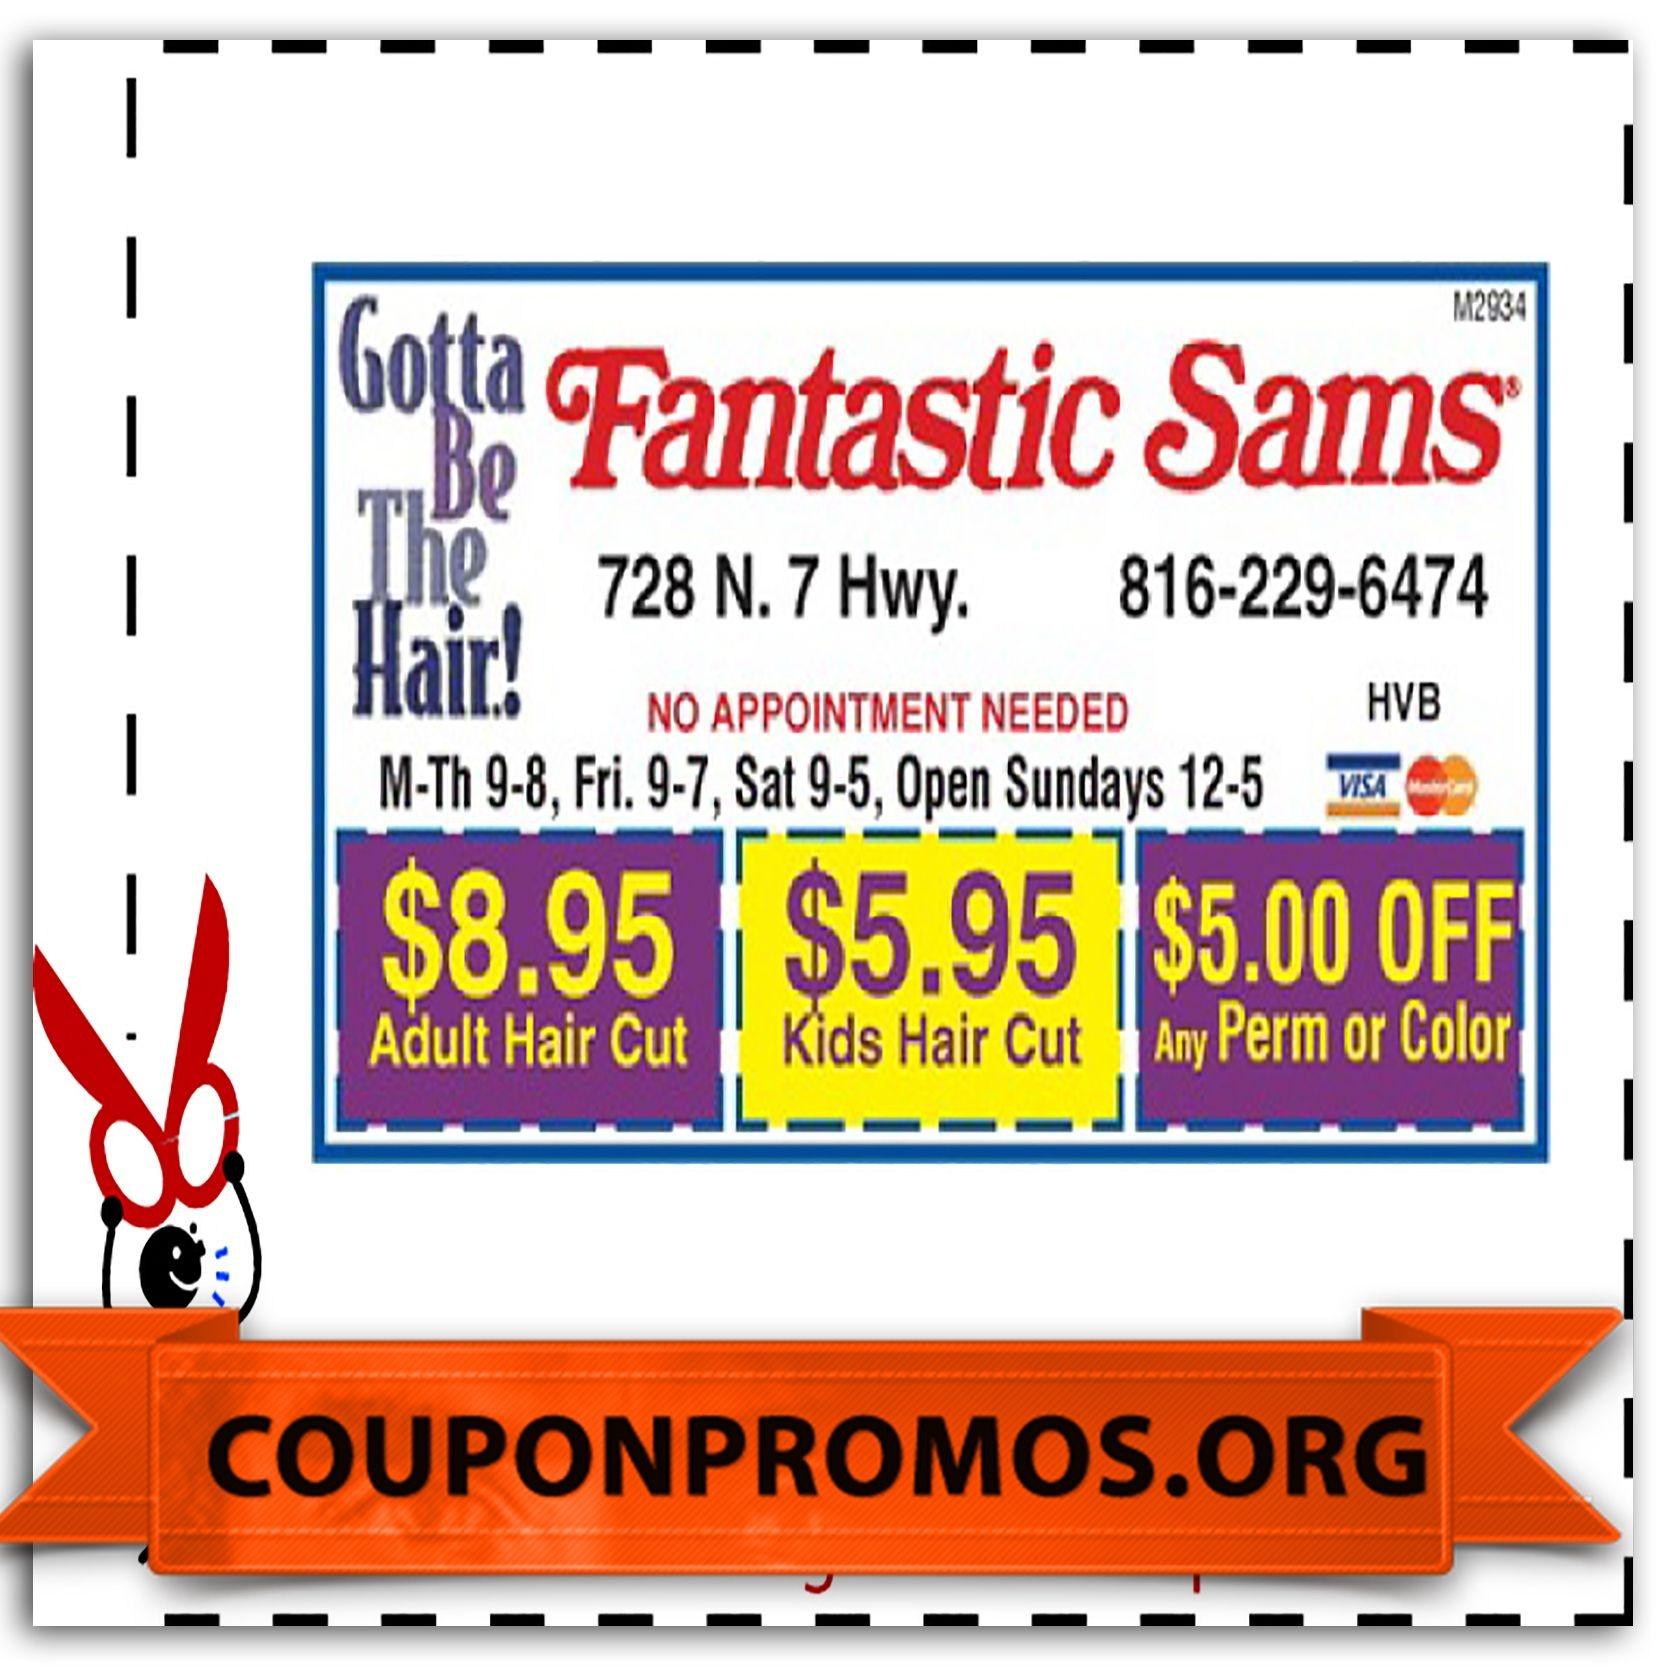 Printable Fantastic Sams Coupons For January | January Coupons 2015 - Free Printable Coupons For Fantastic Sams